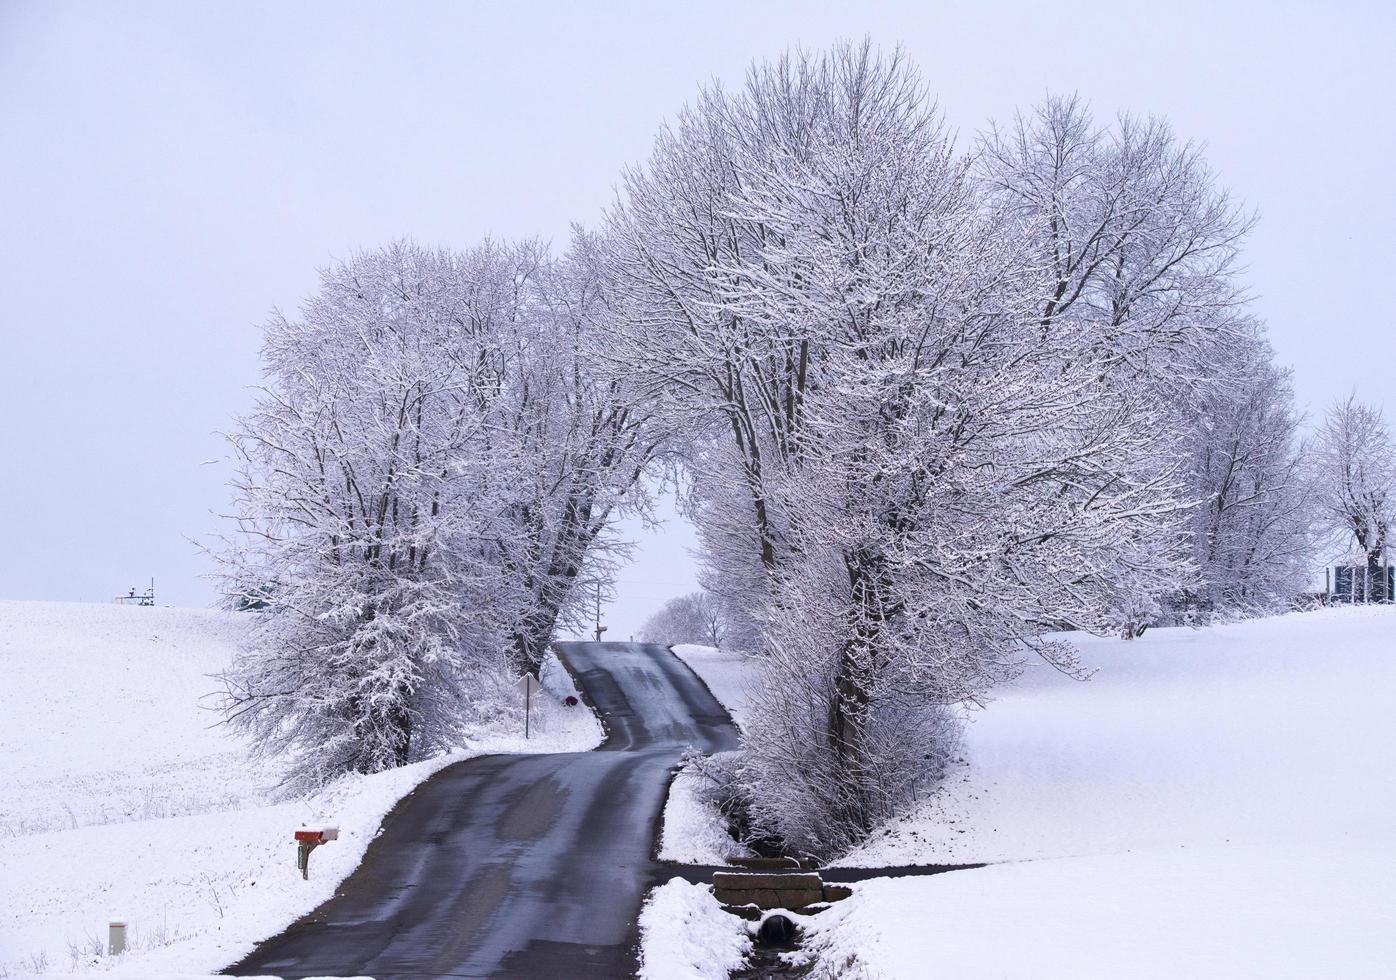 arbres nus couverts de neige près de la route photo